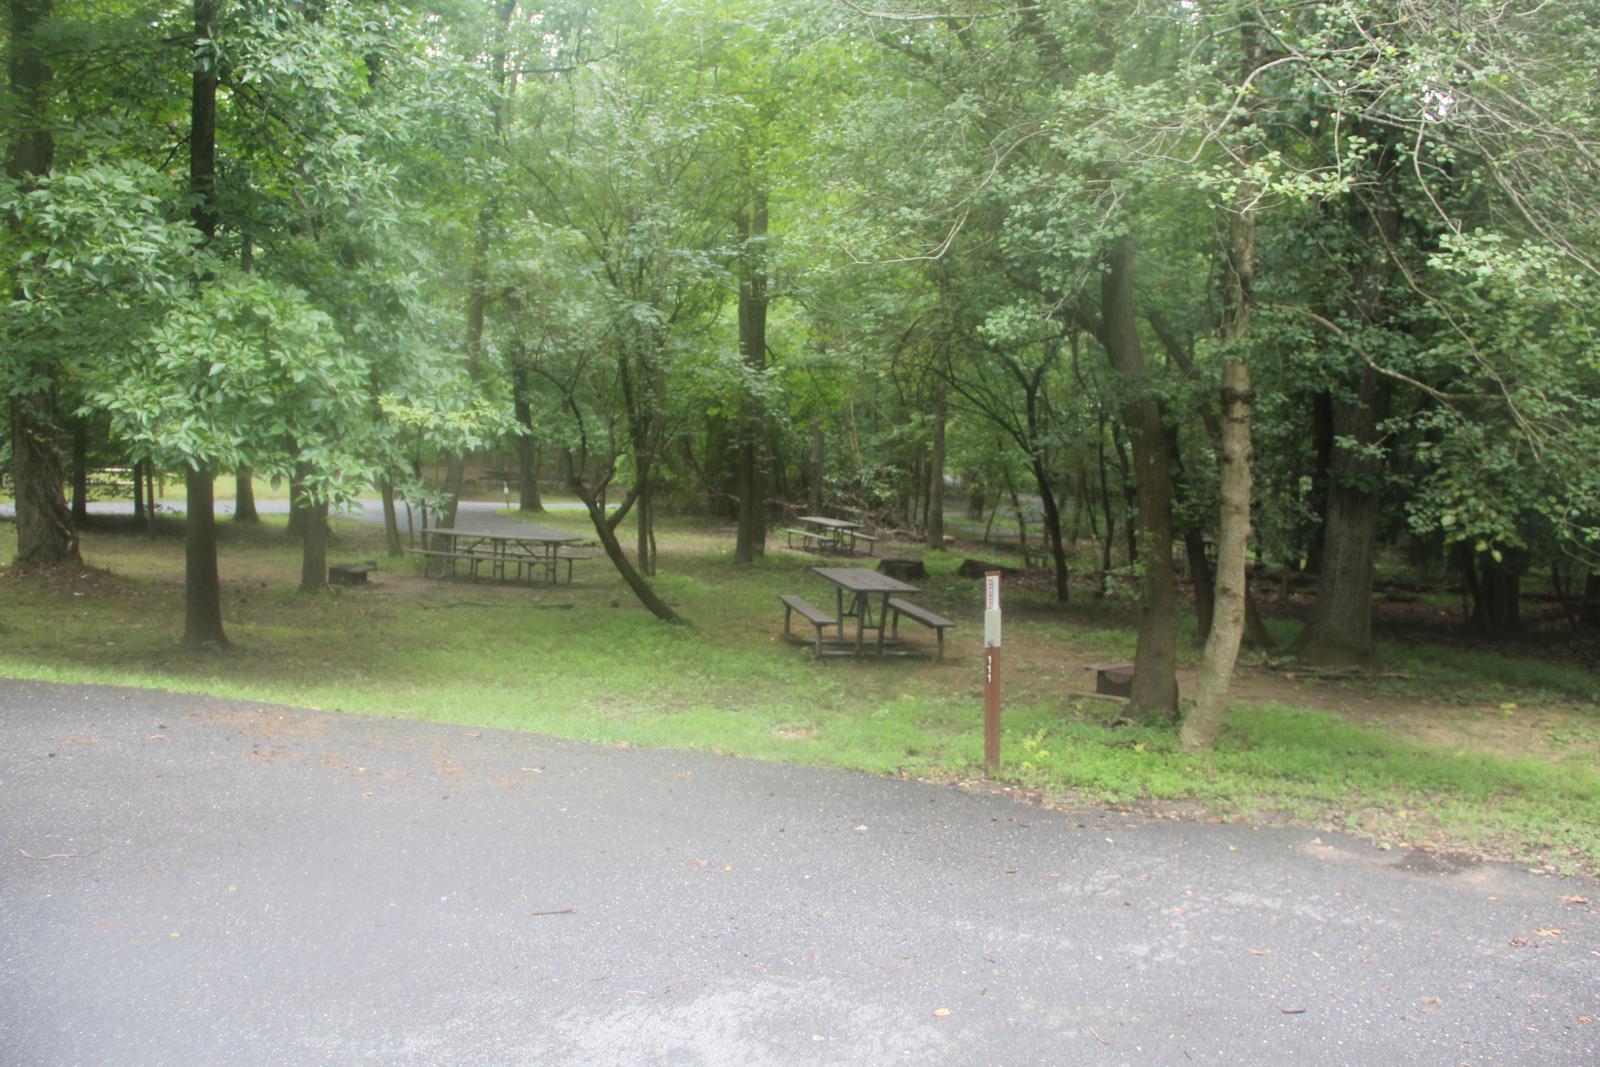 Greenbelt Park Campground Site 111